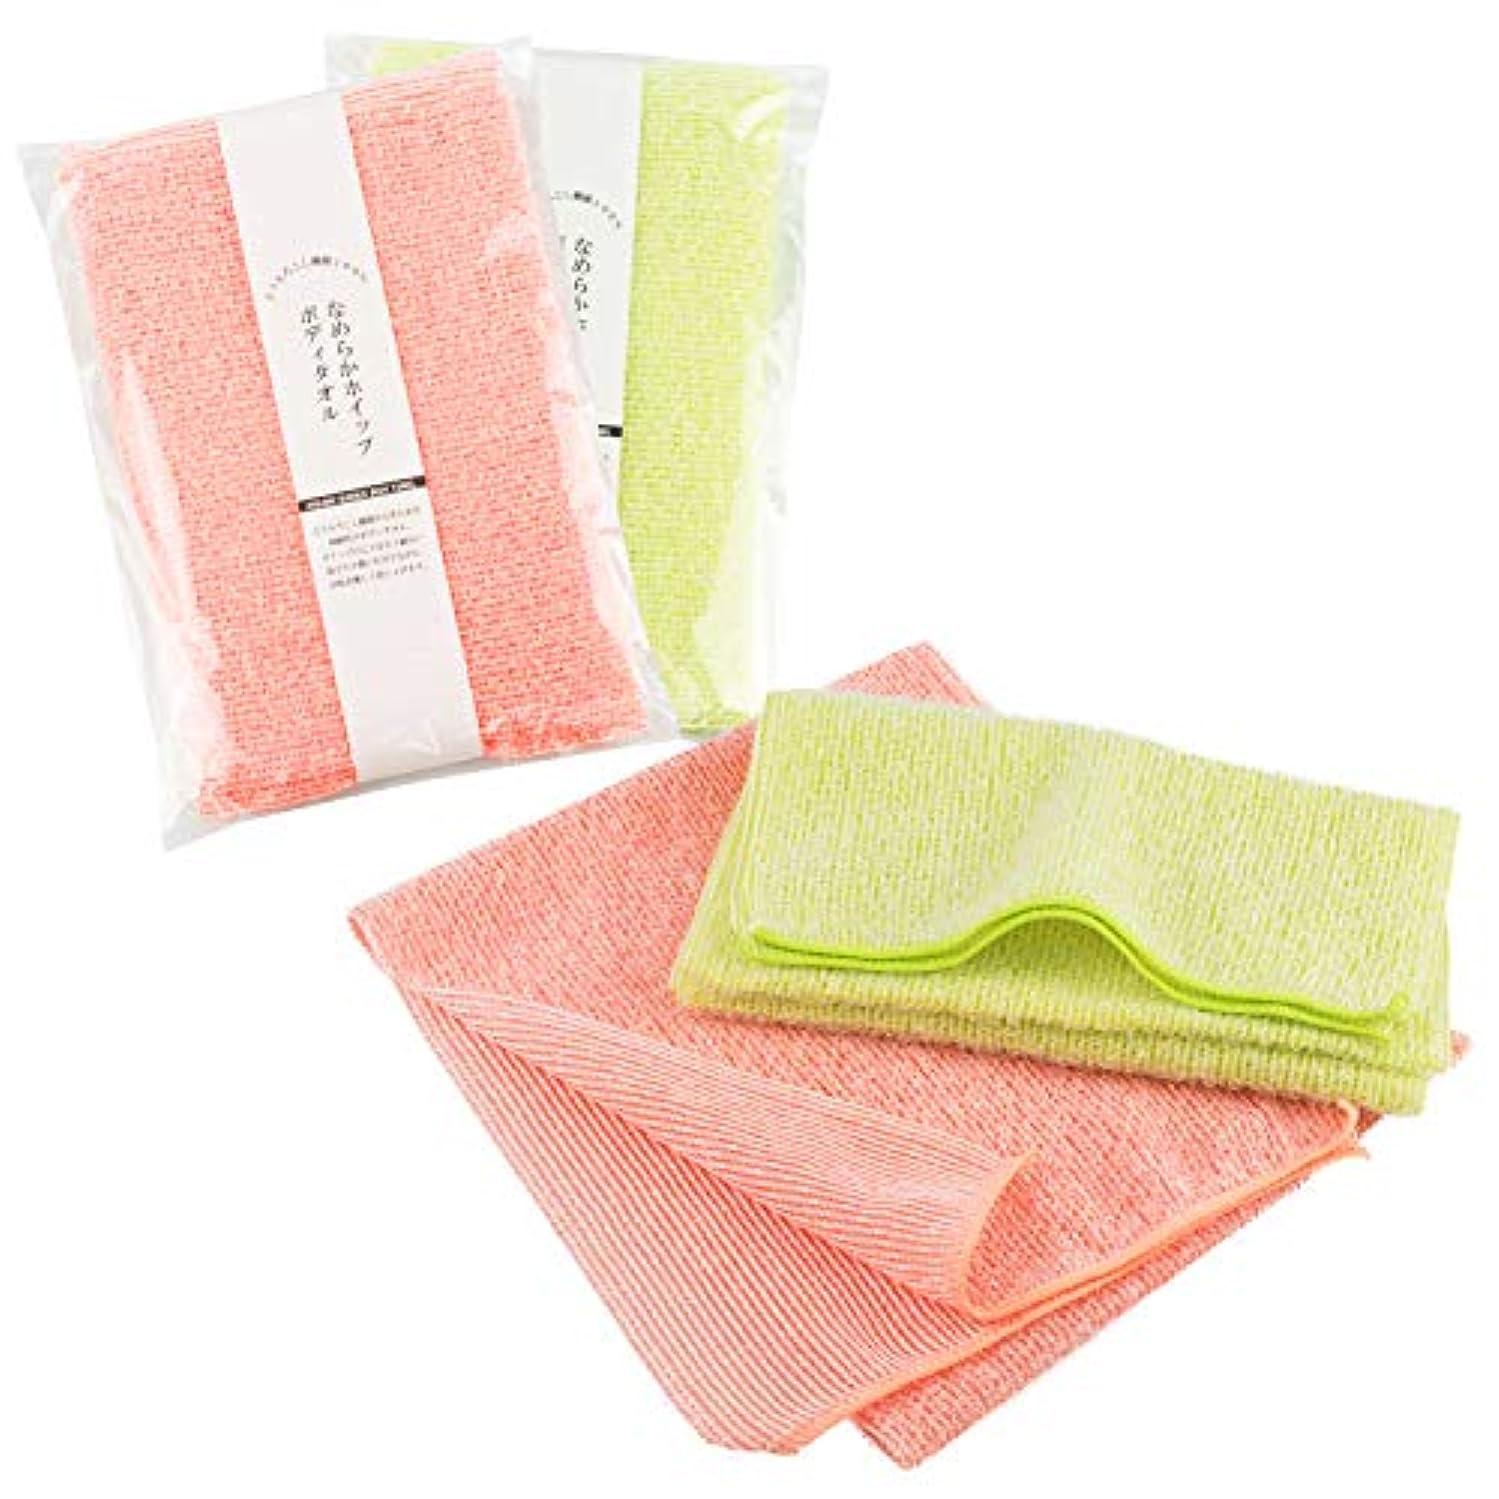 寄生虫禁じるブルーム なめらかホイップ ボディタオル とうもろこし繊維100% 弱酸性 2枚セット (サーモンピンク×グリーン)